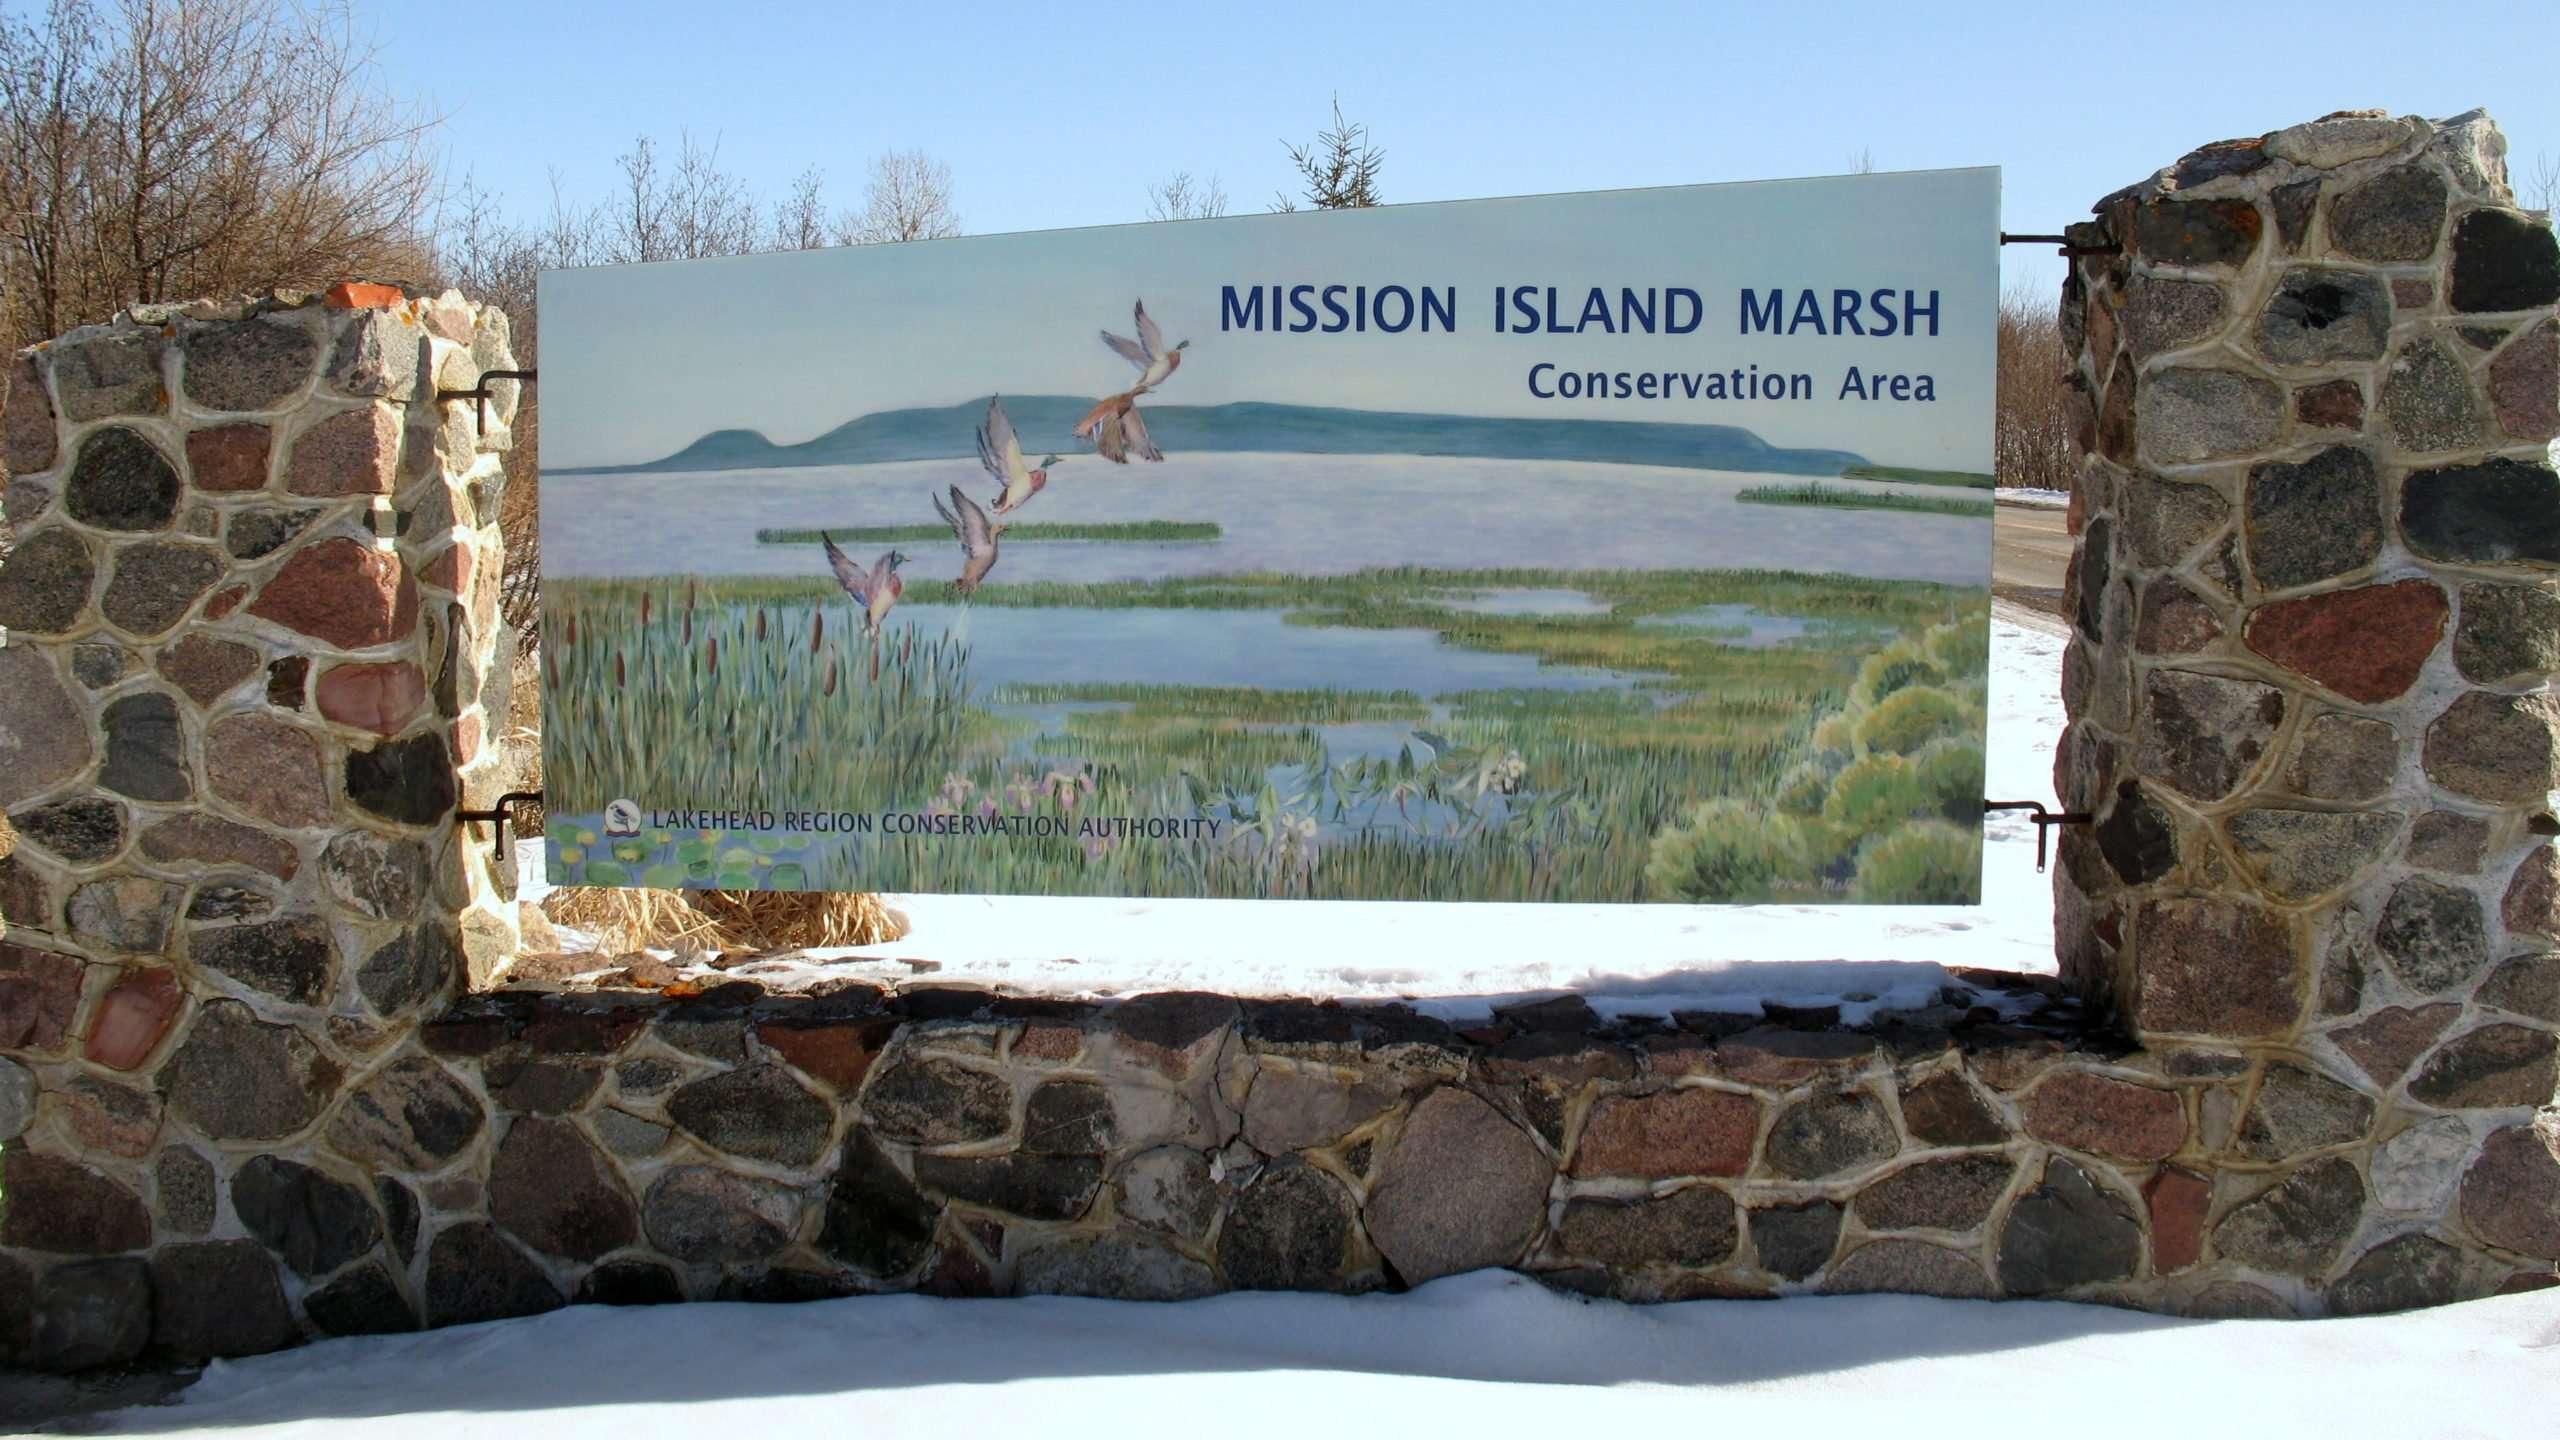 Mission Island Marsh